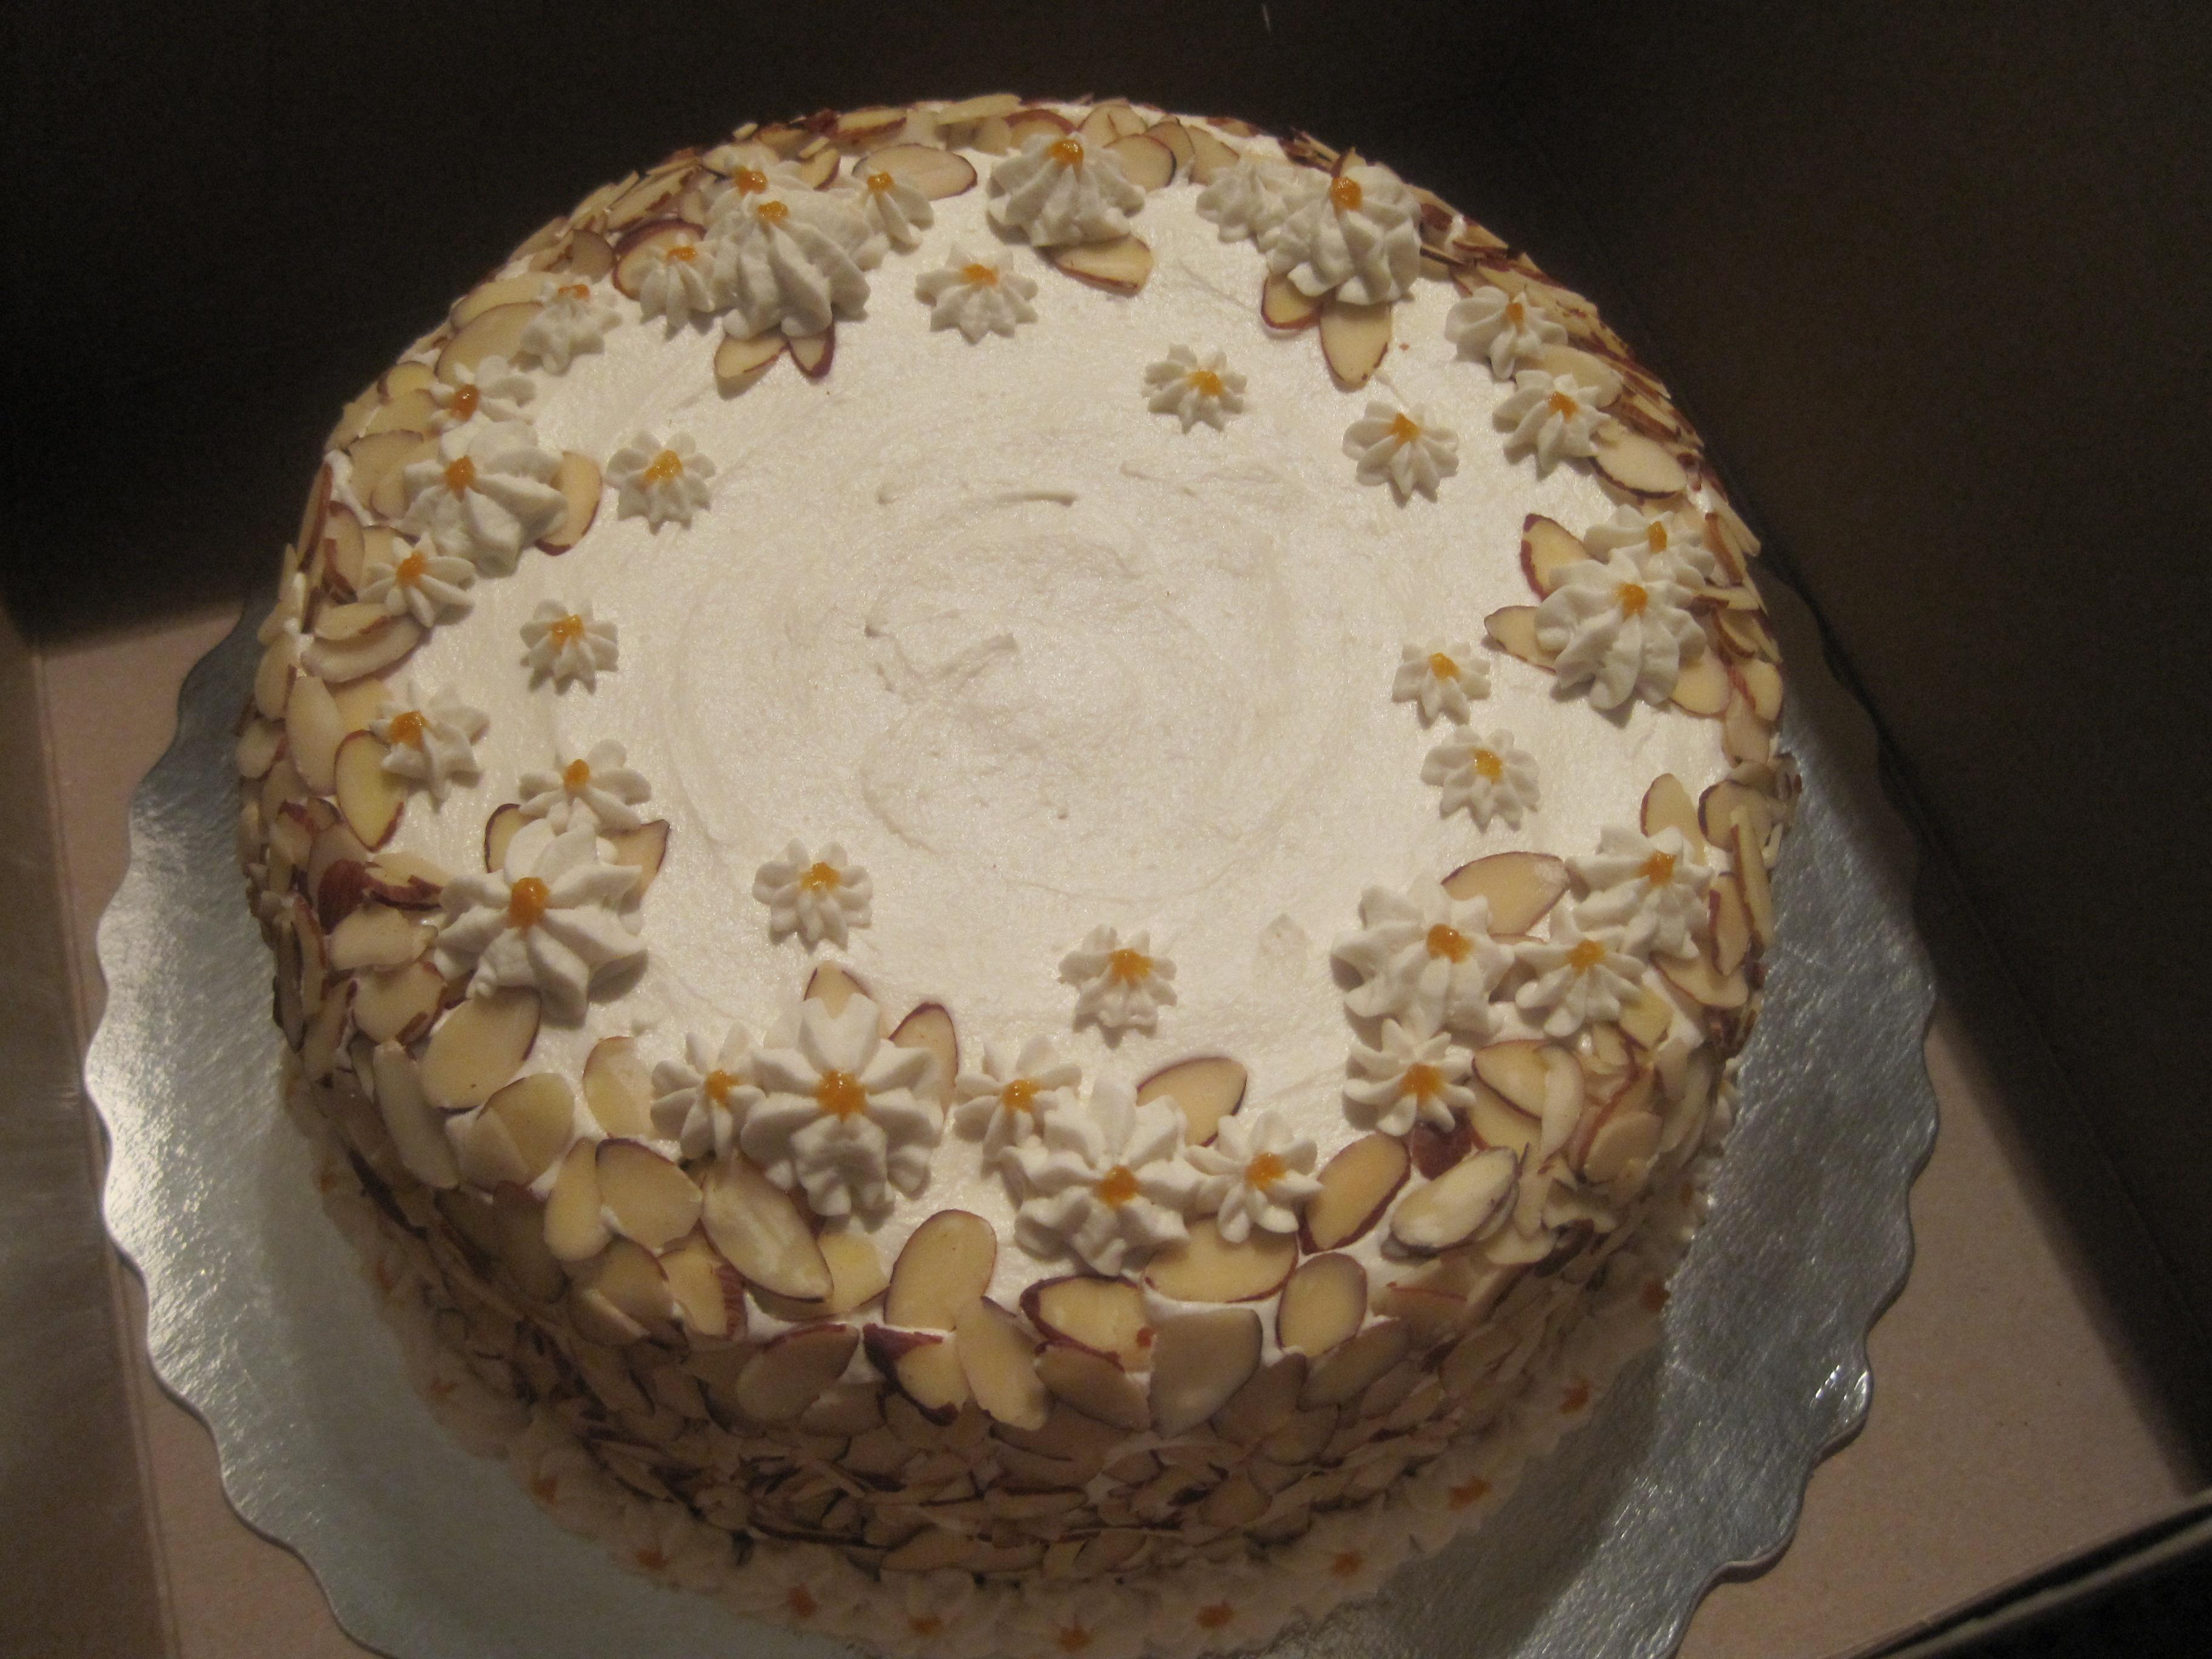 HAPPY CELIAC BIRTHDAY CAKE FROM NESSIE CAKES